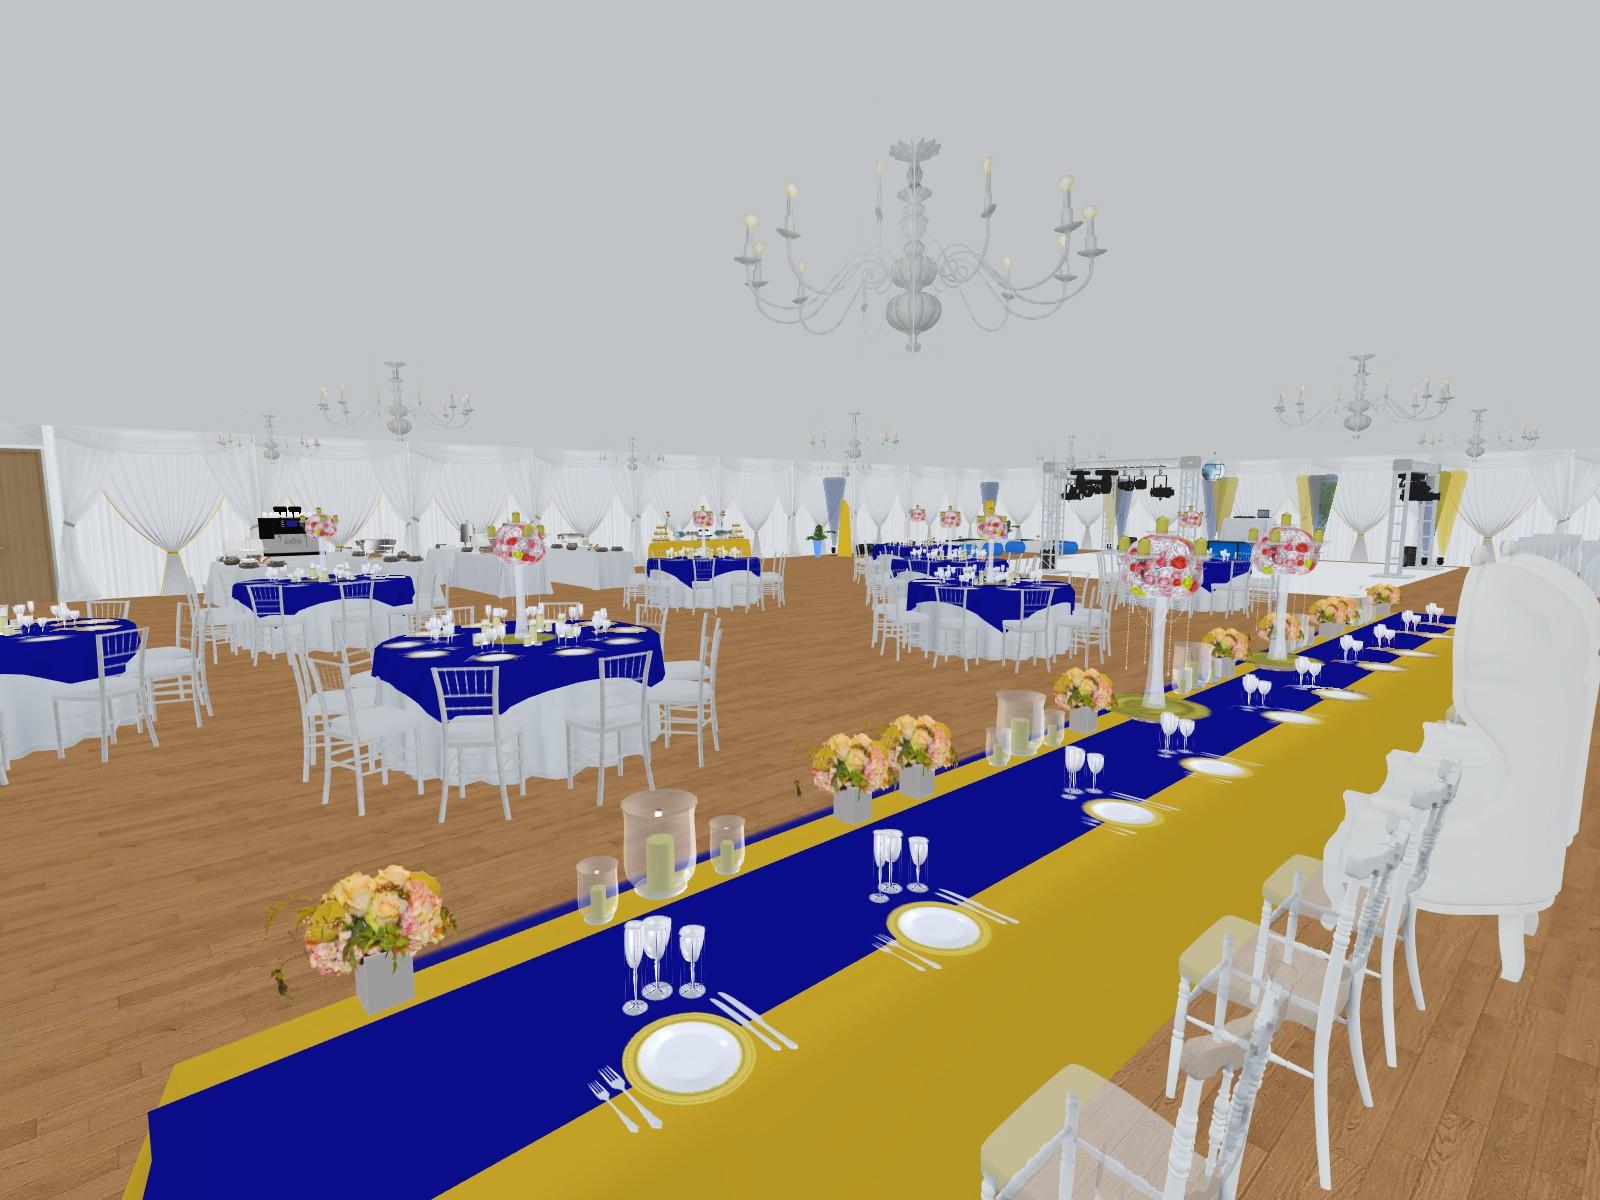 Prestations Plan 3d Evenement Mariage Anniversaire Décoration Evenementielle France Implantation 3d Table Dhonneur Vue Des Maries